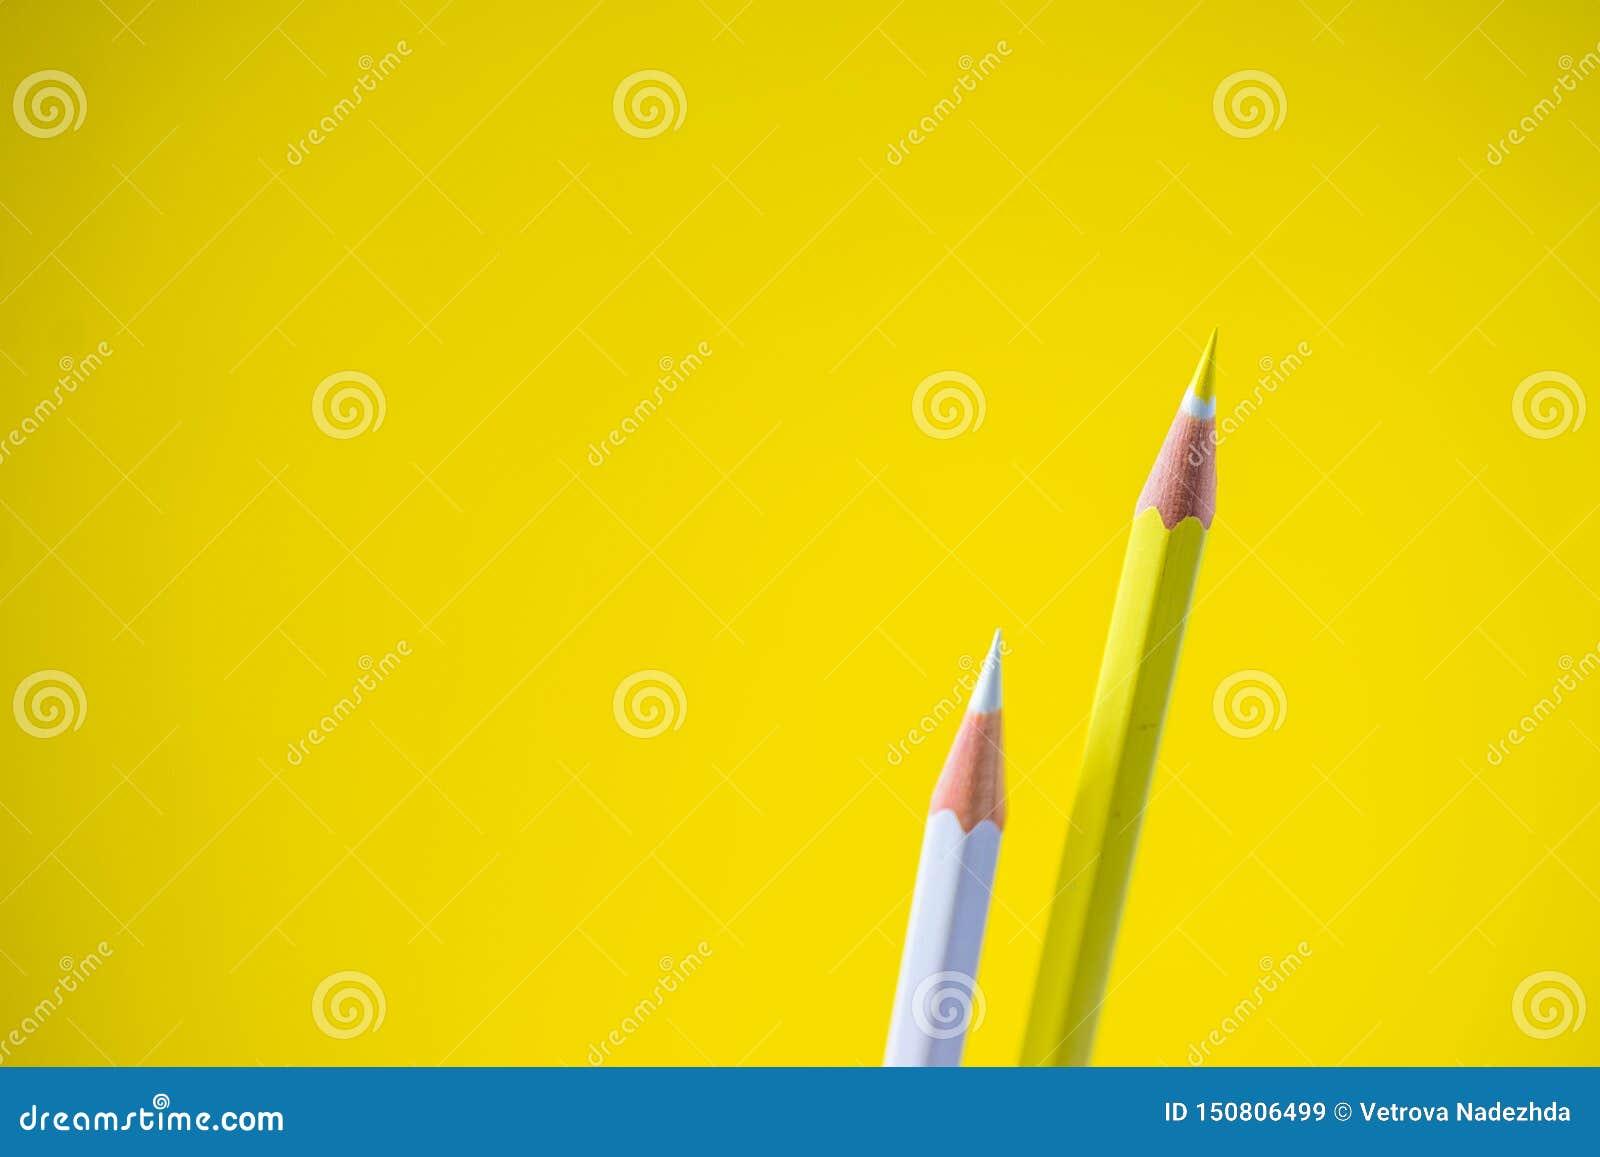 Lápices coloreados en un fondo amarillo con el espacio para el texto